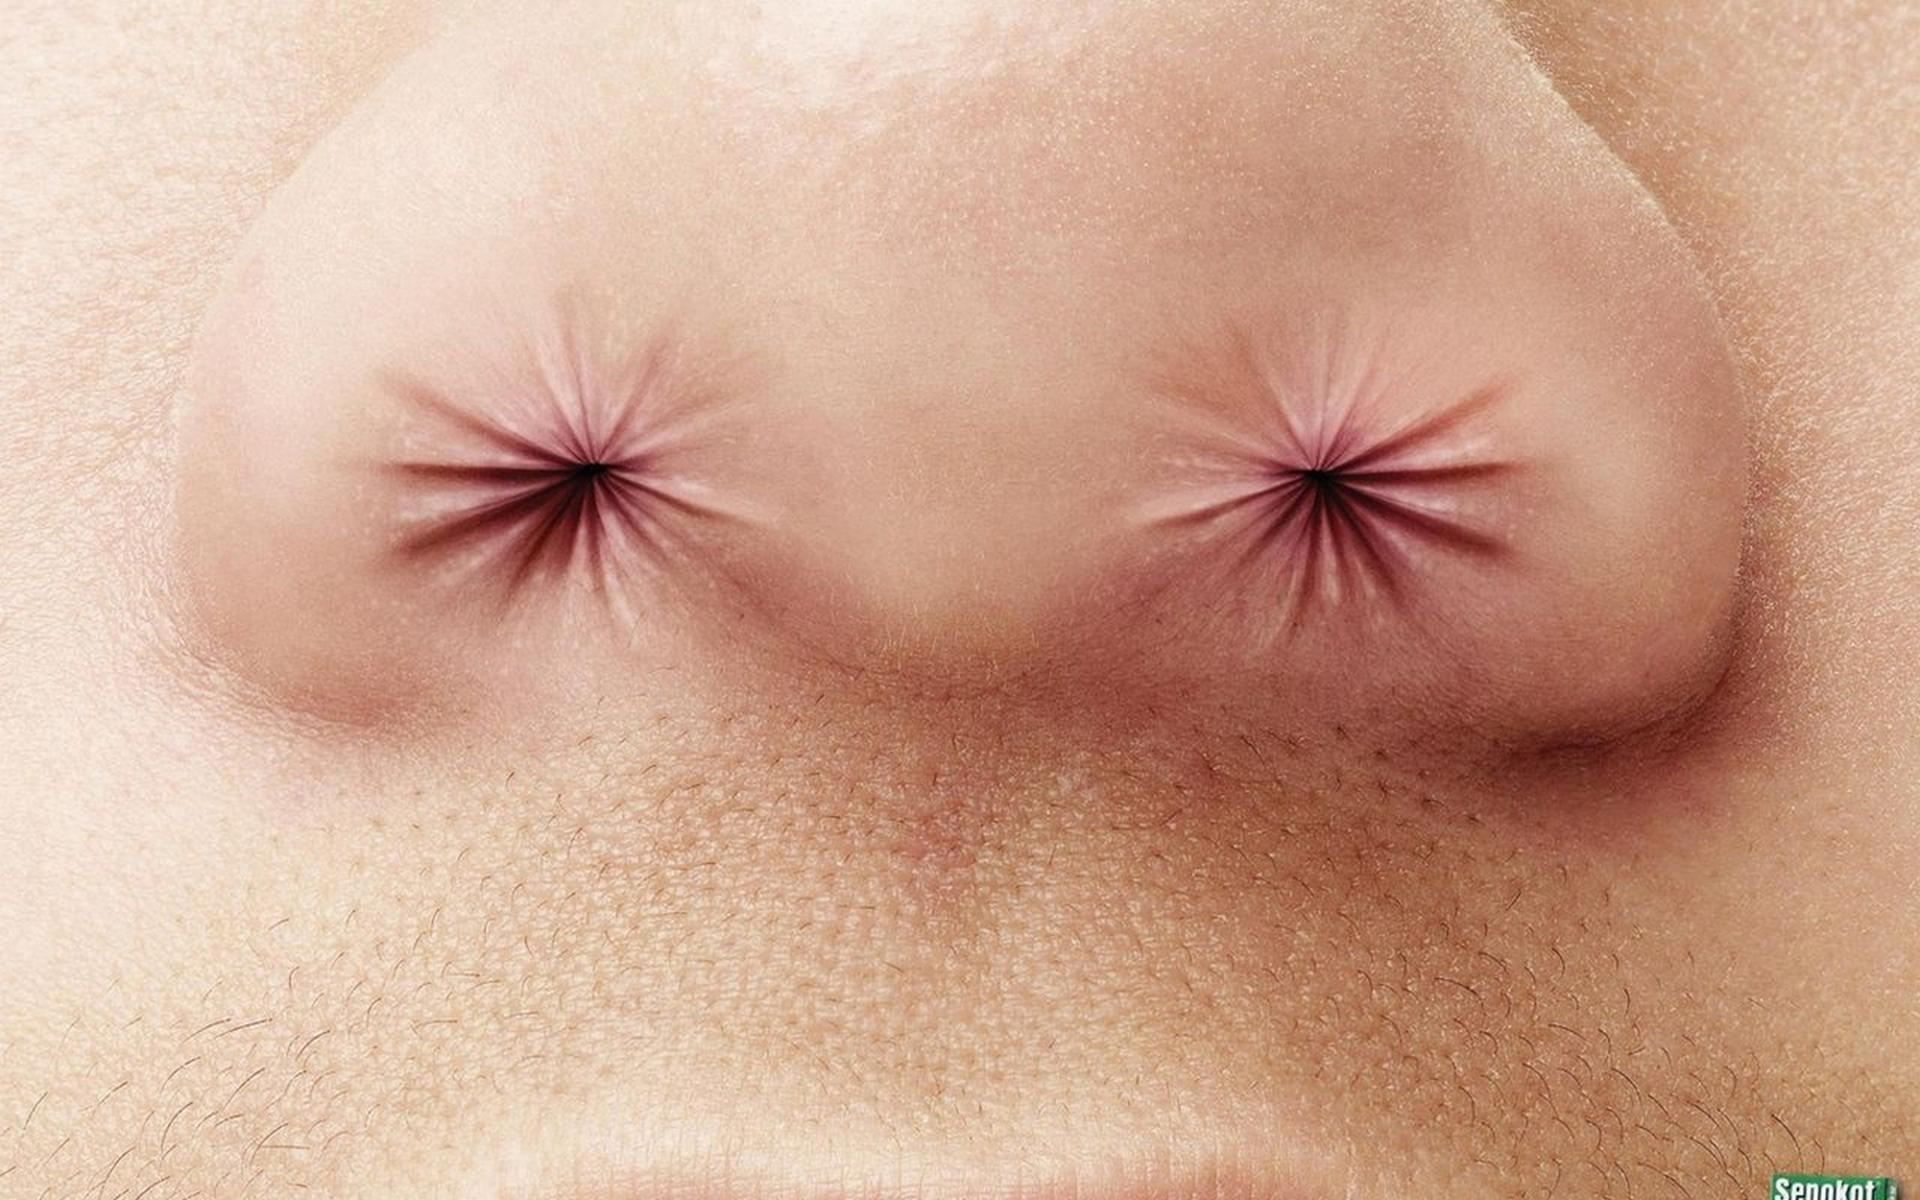 нос, пазухи, губы